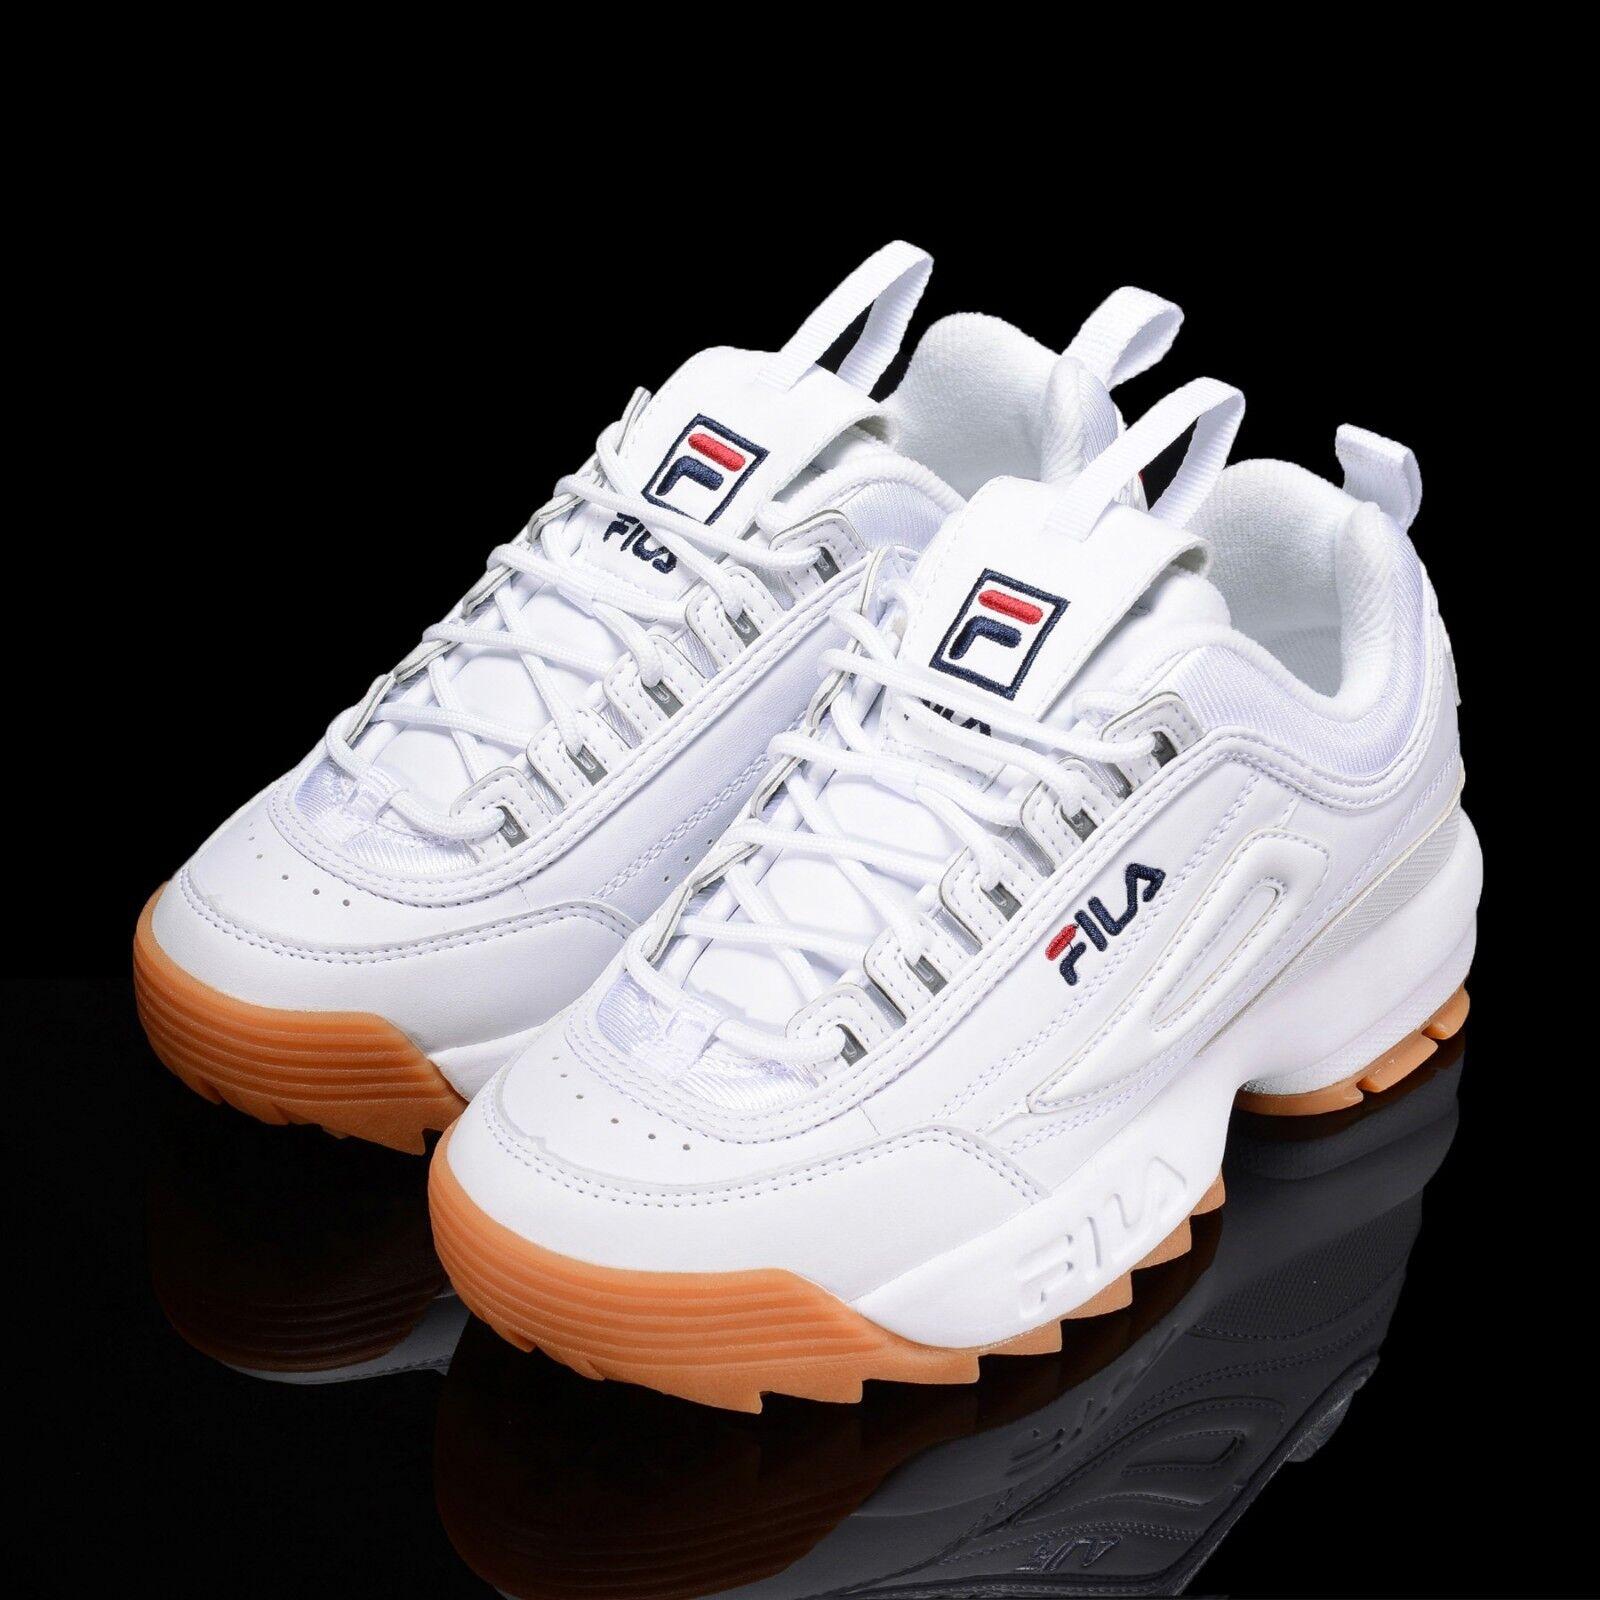 Fila disruptor II 2 Blanco Marrón Zapatos running atractivo unisex cómodo confortable y atractivo running 97b3b6